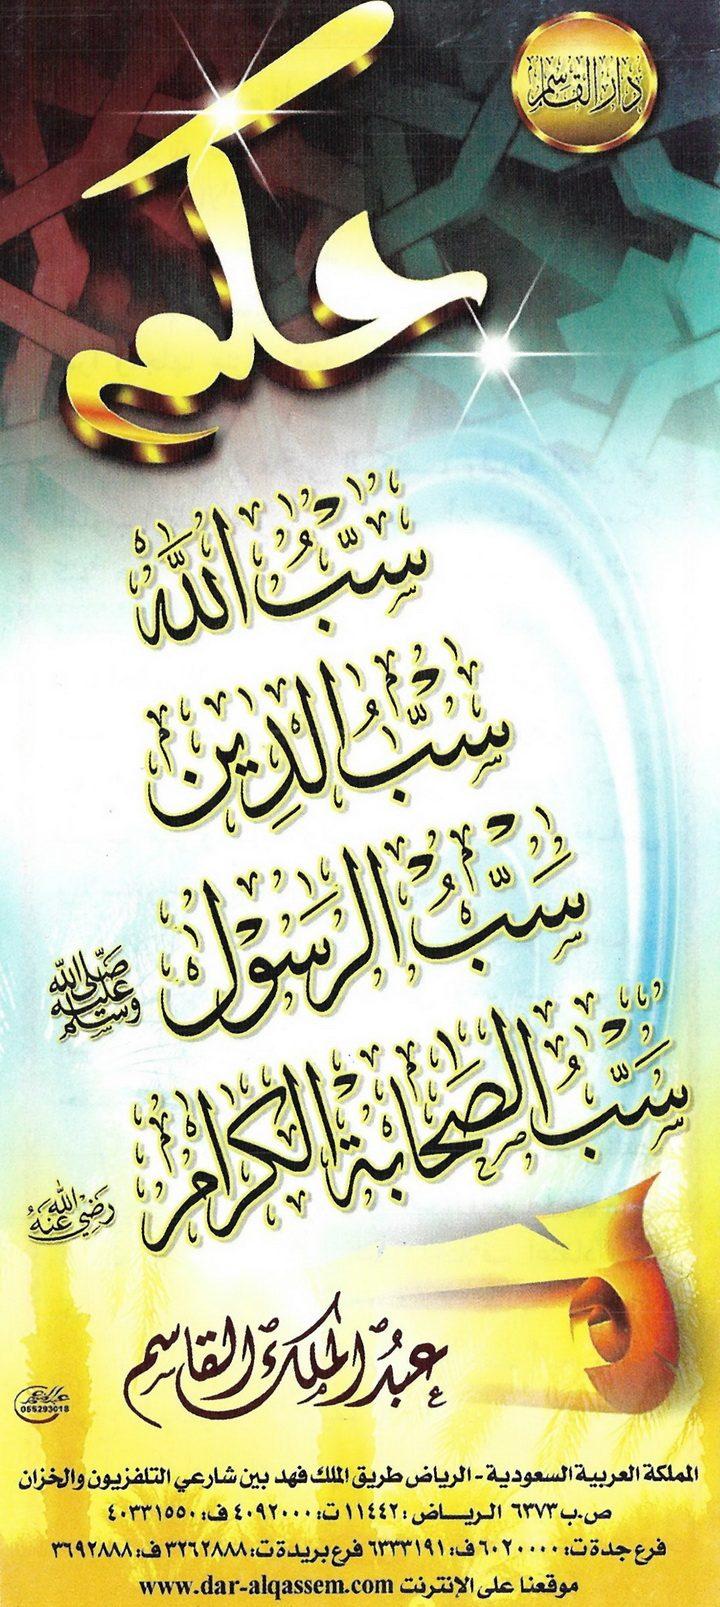 حكم سبّ الله، سبّ الدّين، سبّ الرّسول، سبّ الصحابة الكرام (عبد الملك القاسم – دار القاسم)